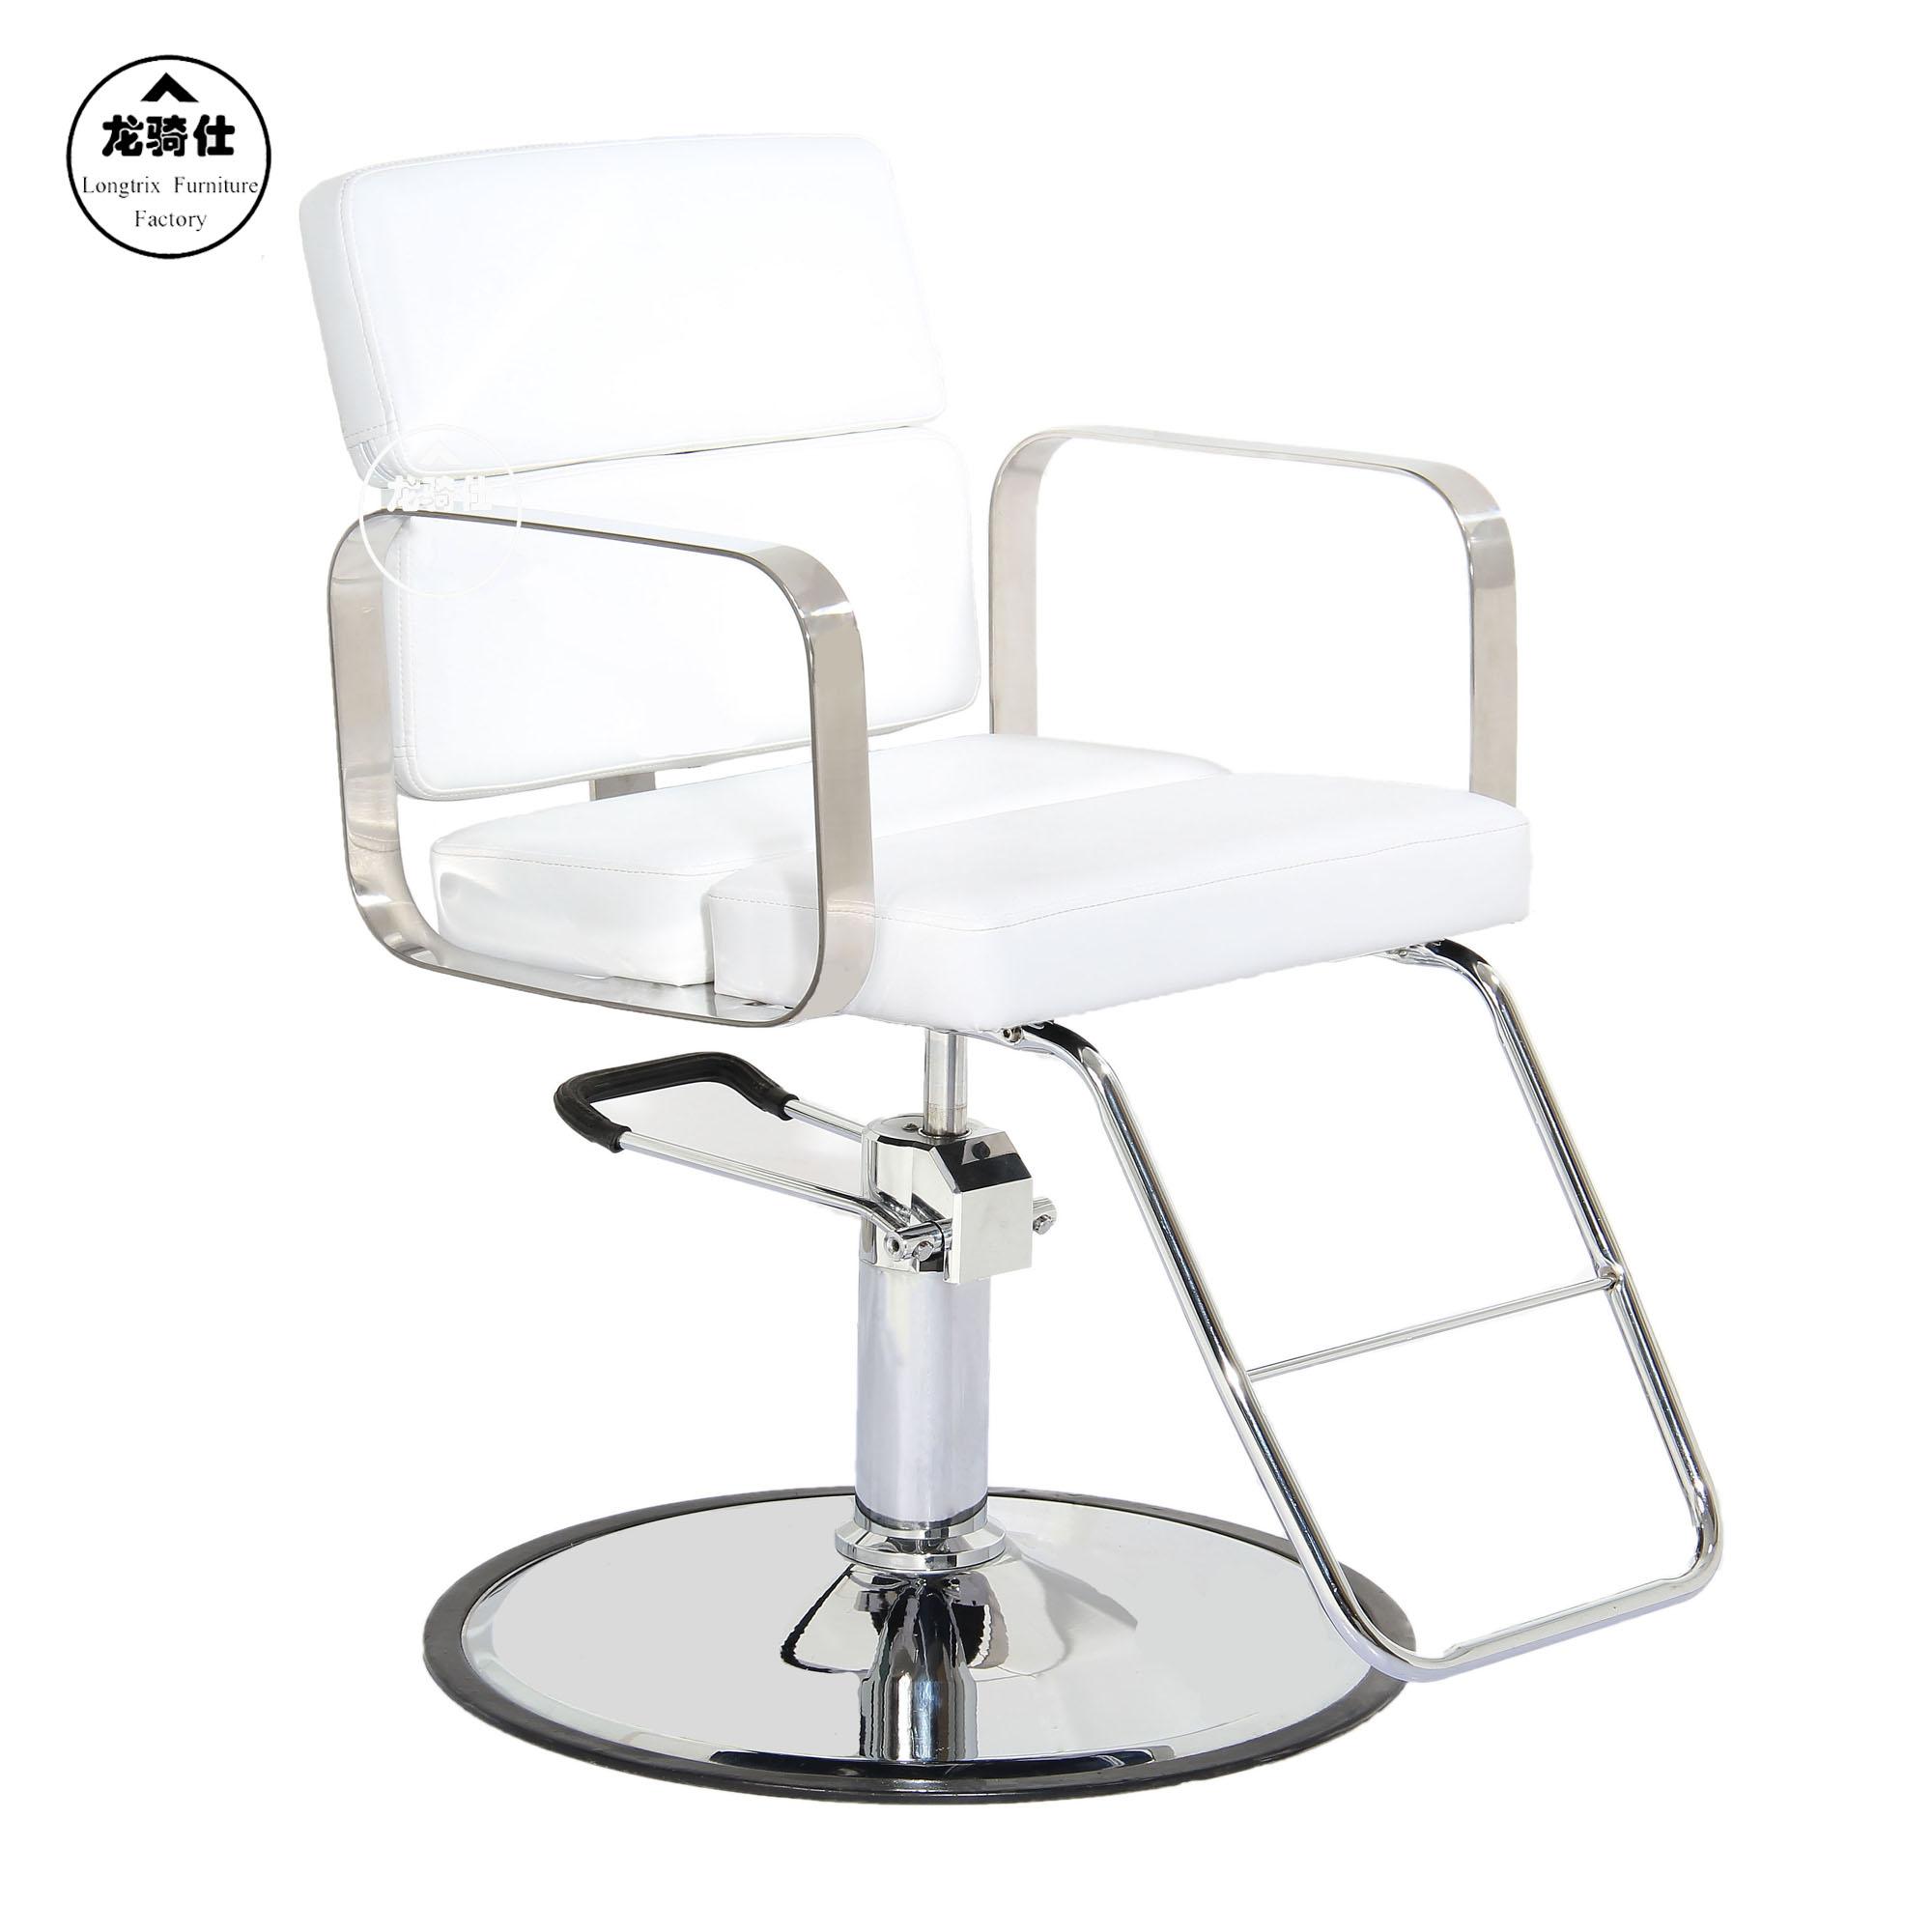 Простой салон стрижка стул японский парикмахерское дело стул ножницы волосы стул царапина ху стул стрижка стул отмены продаётся напрямую с завода